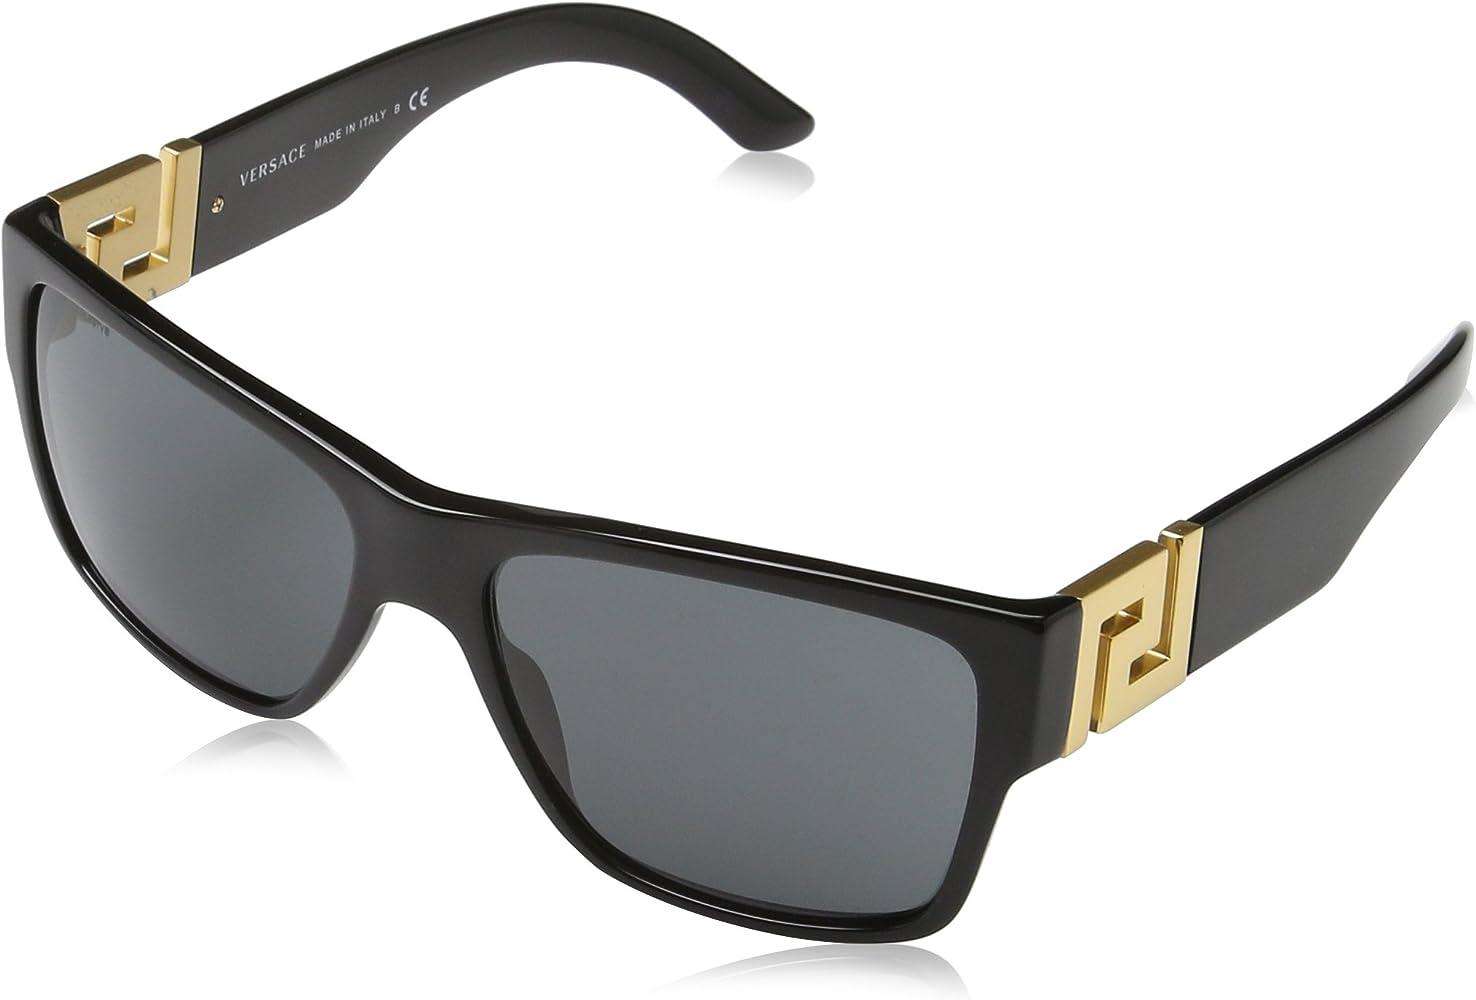 Versace 0Ve4296, Gafas de Sol para Hombre